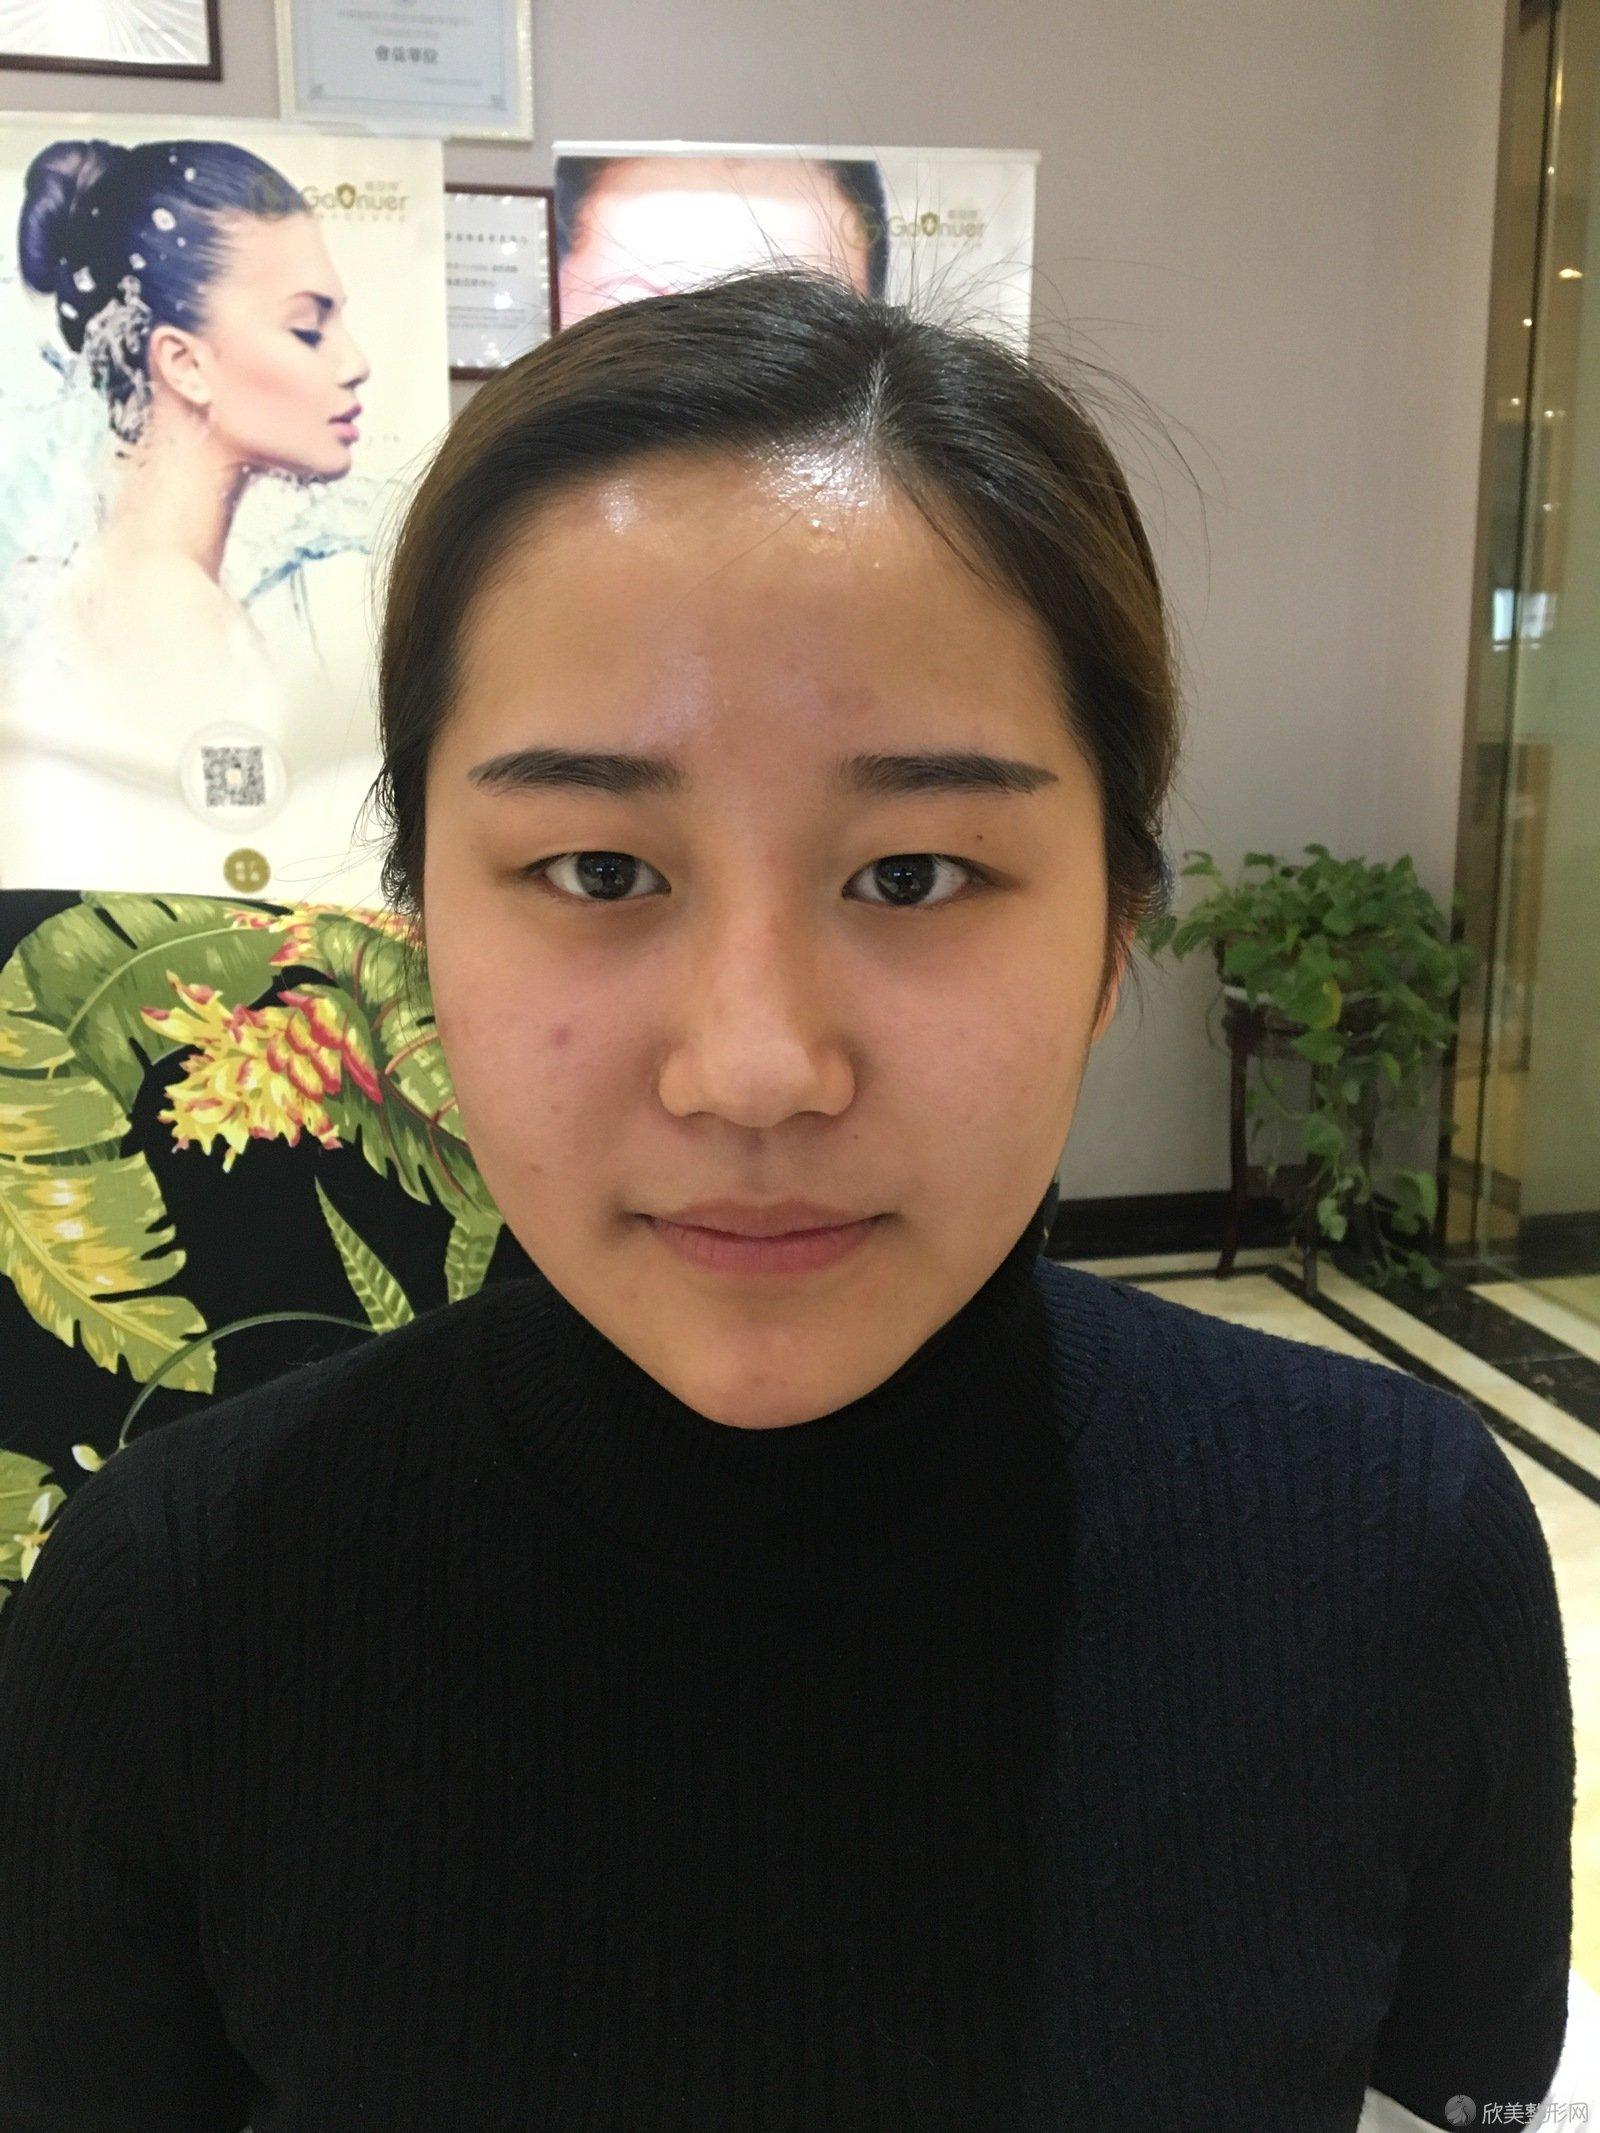 八大处杨晓楠双眼皮手术案例,术后恢复效果分享